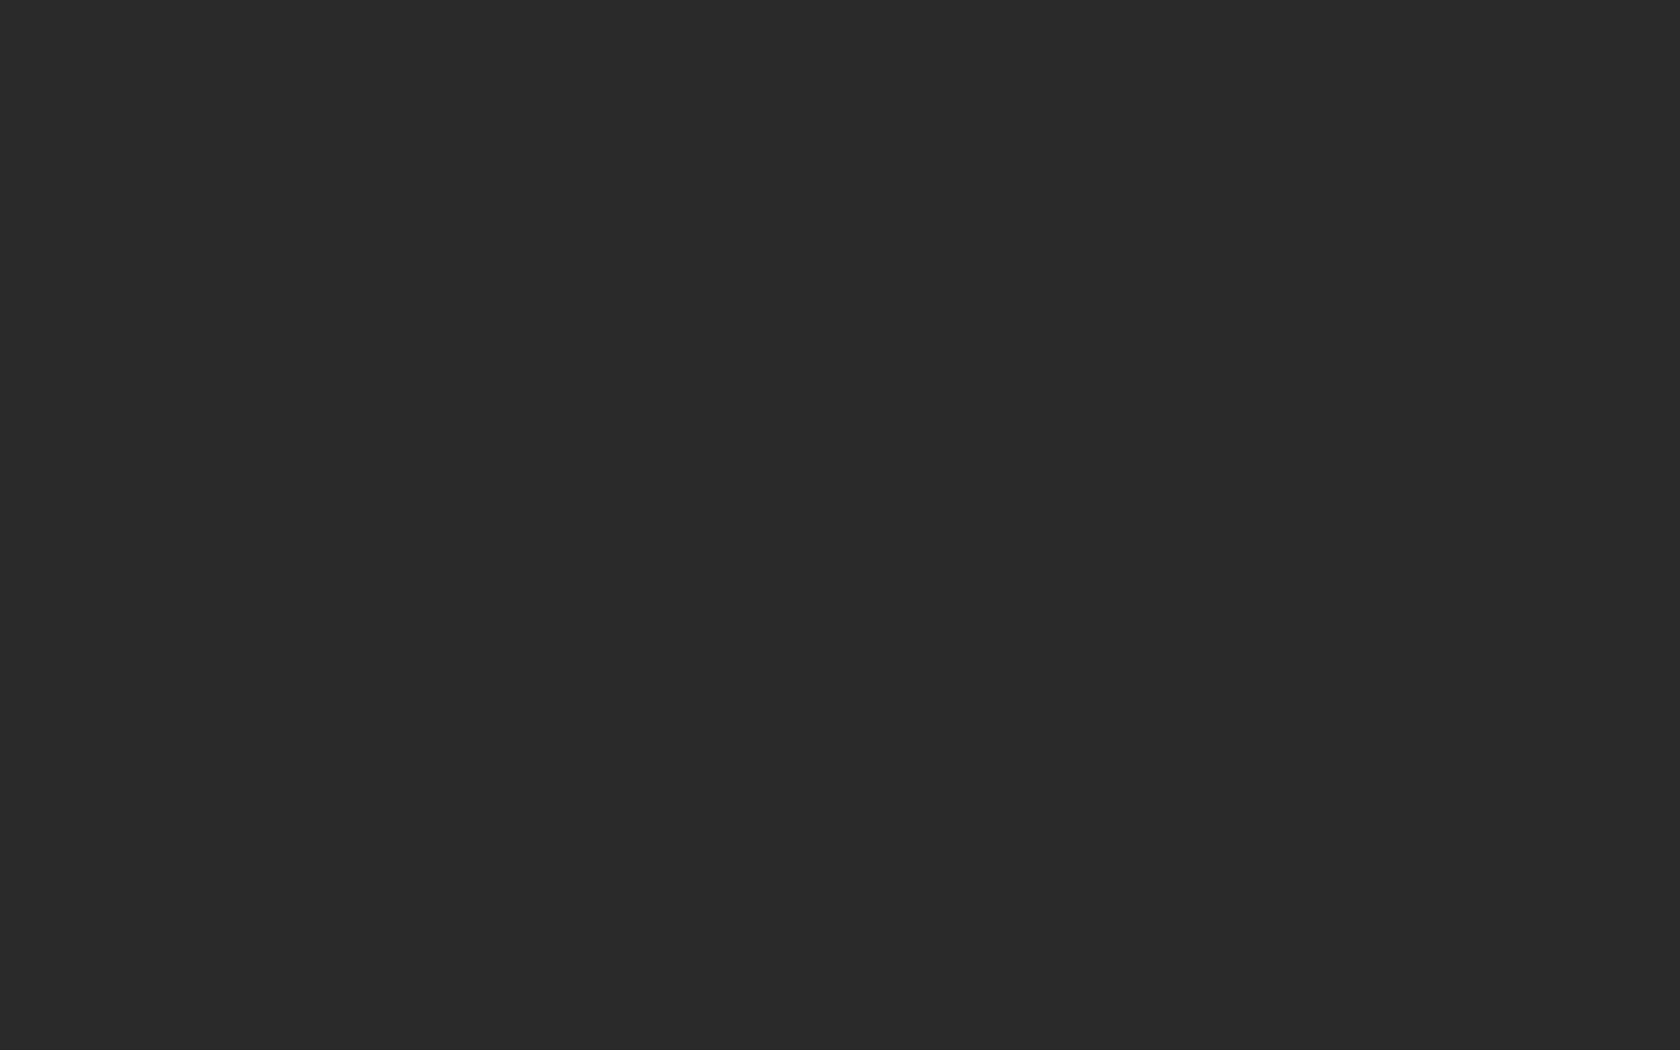 spelunky, Spelunky 2018.07.08 - 03.18.09.11.DVRTrim GIFs